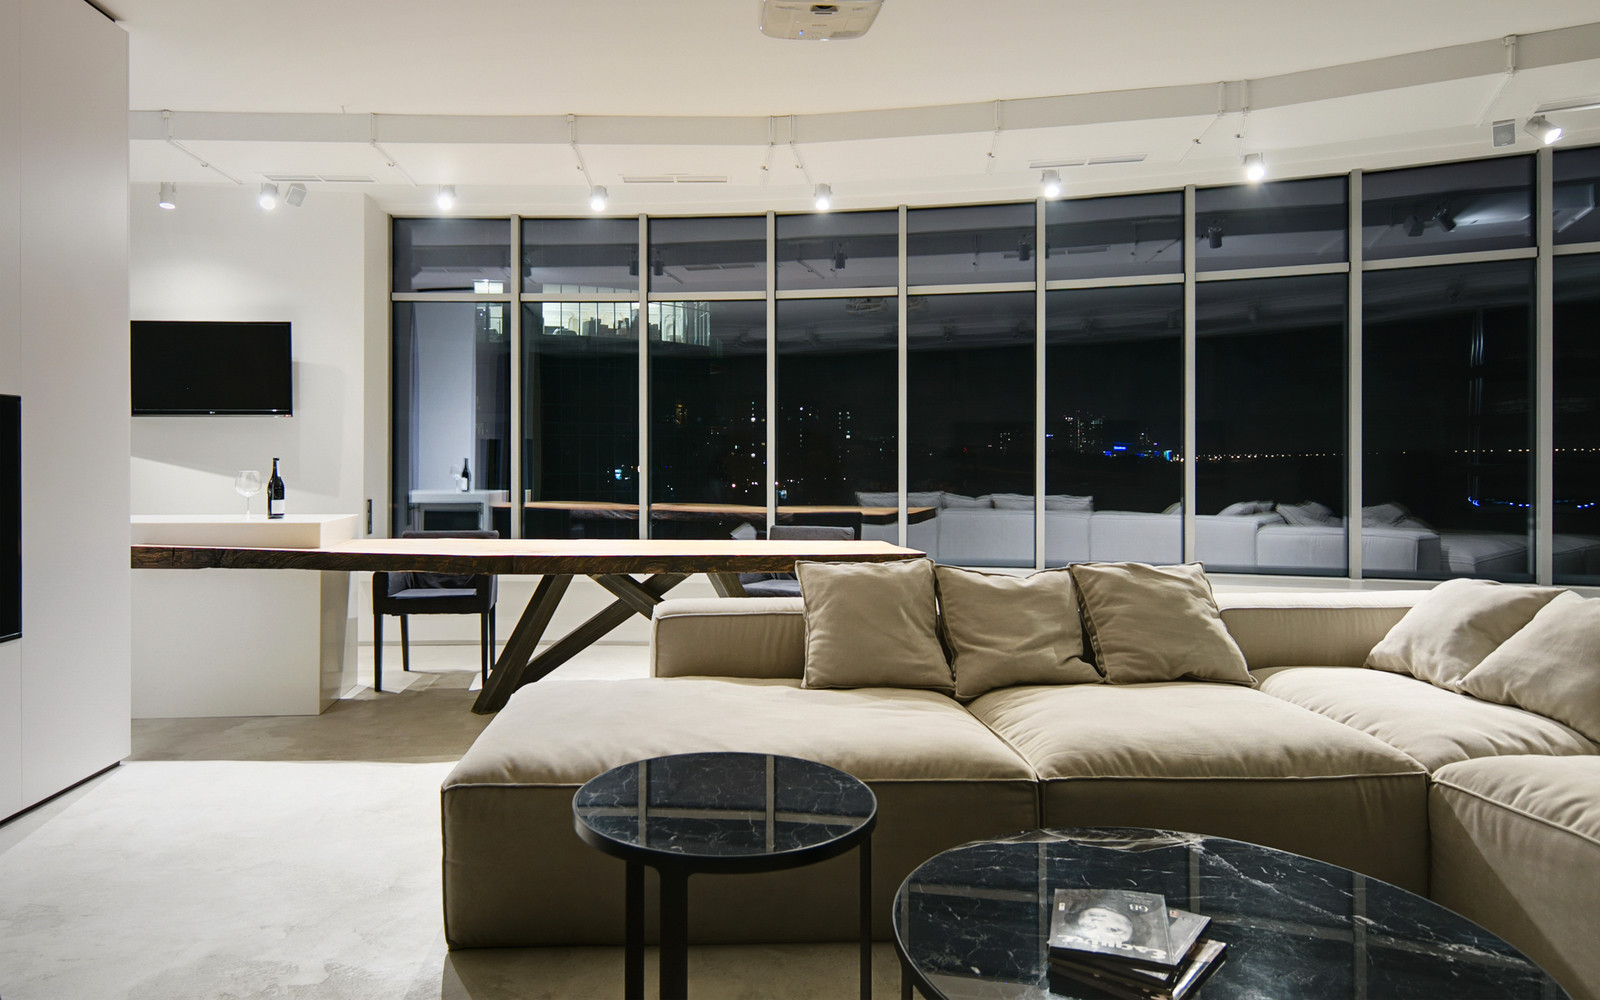 панорамни прозорци и свобода в просторния градски апартамент_4